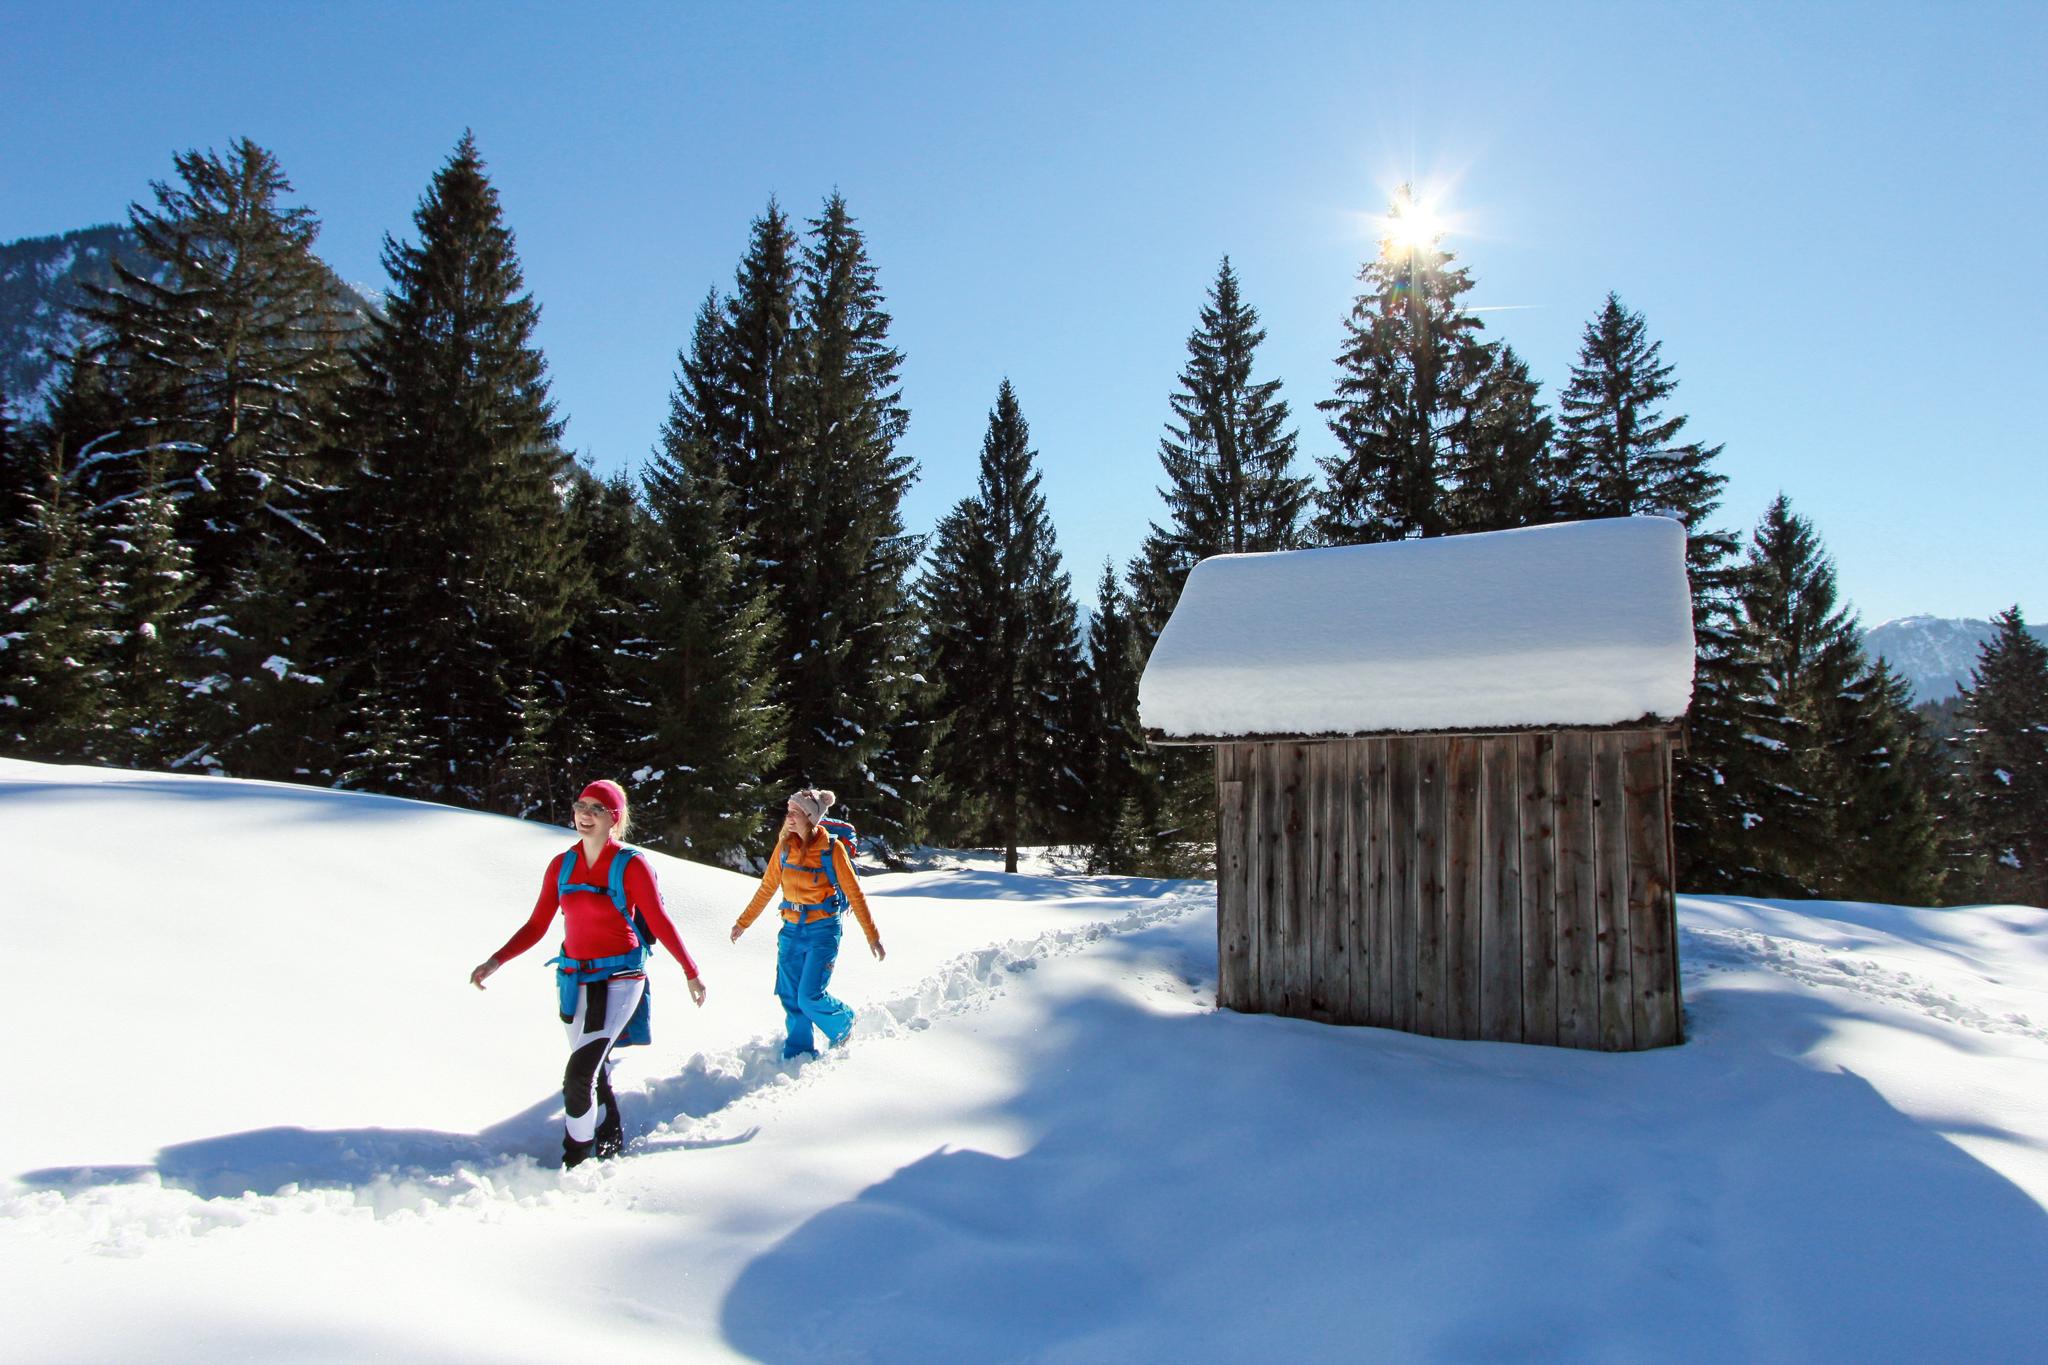 Tief verschneite Winterlandschaft © Naturparkregion Reutte, Gerhard Eisenschink